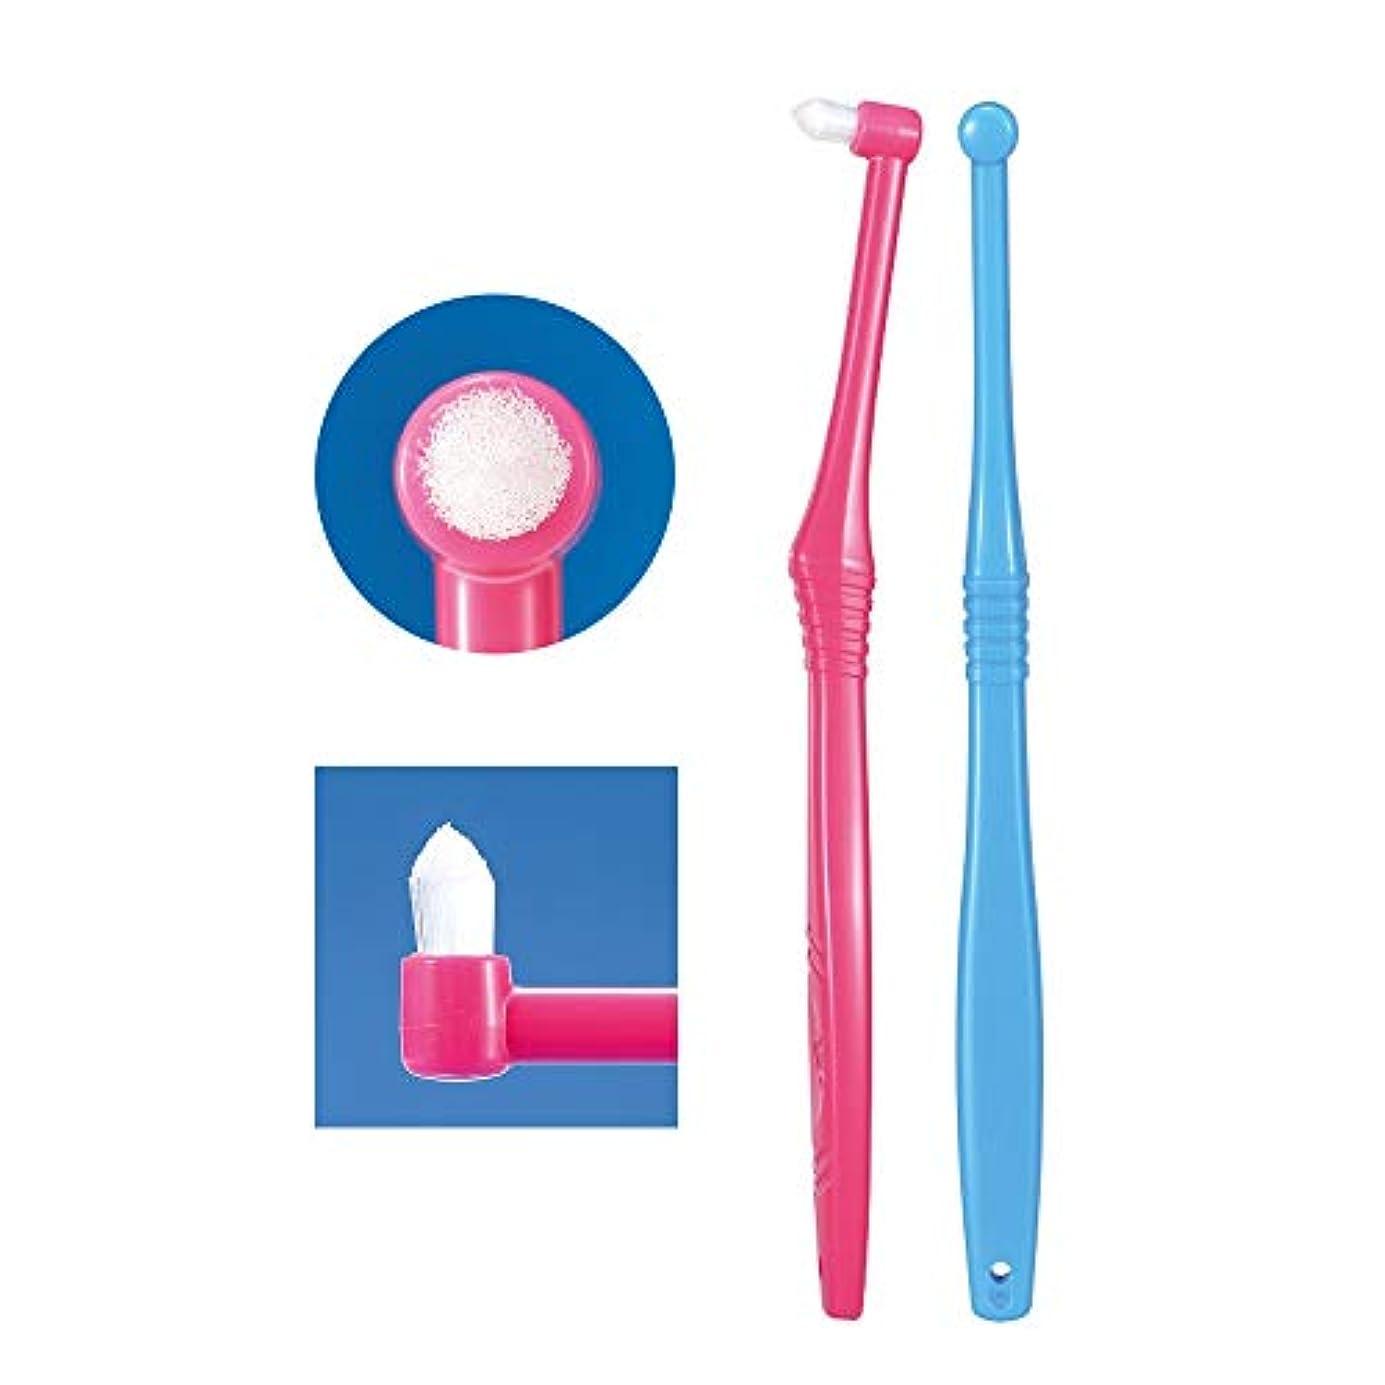 ヒョウバースト気味の悪いCi PROワンタフト 1本 ラージヘッド M(ふつう) ポイント磨き 歯科専売品